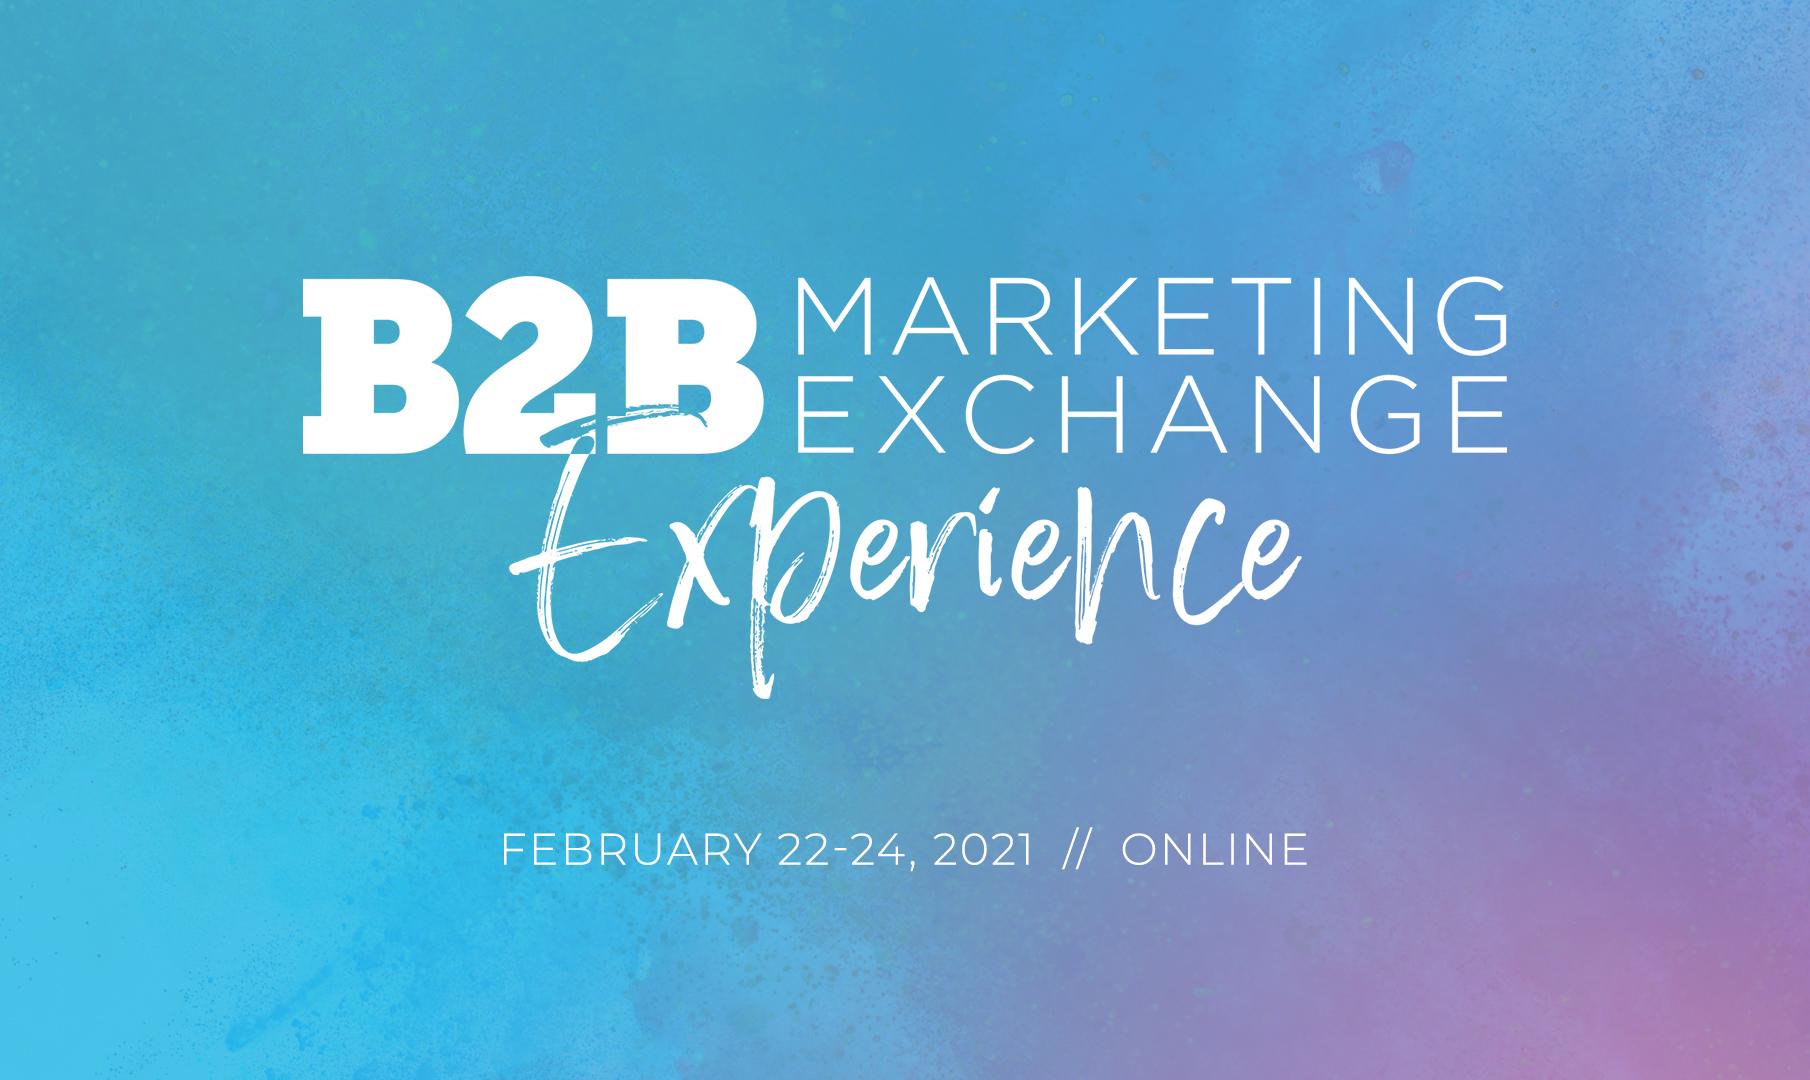 eventos marketing 2021  b2bmxde